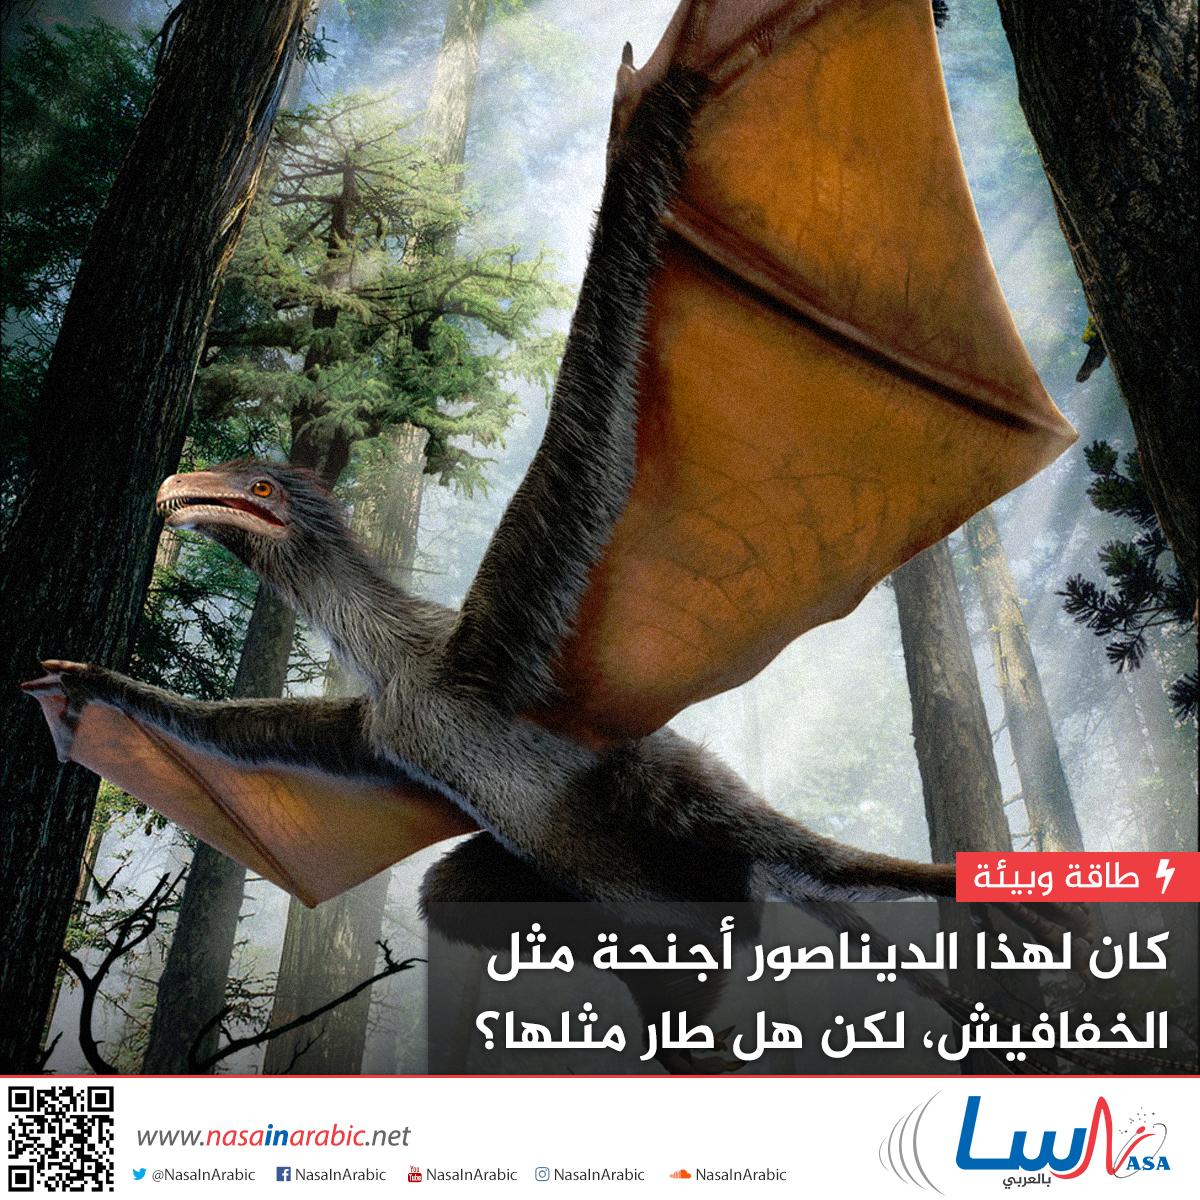 كان لهذا الديناصور أجنحة مثل الخفافيش، لكن هل طار مثلها؟